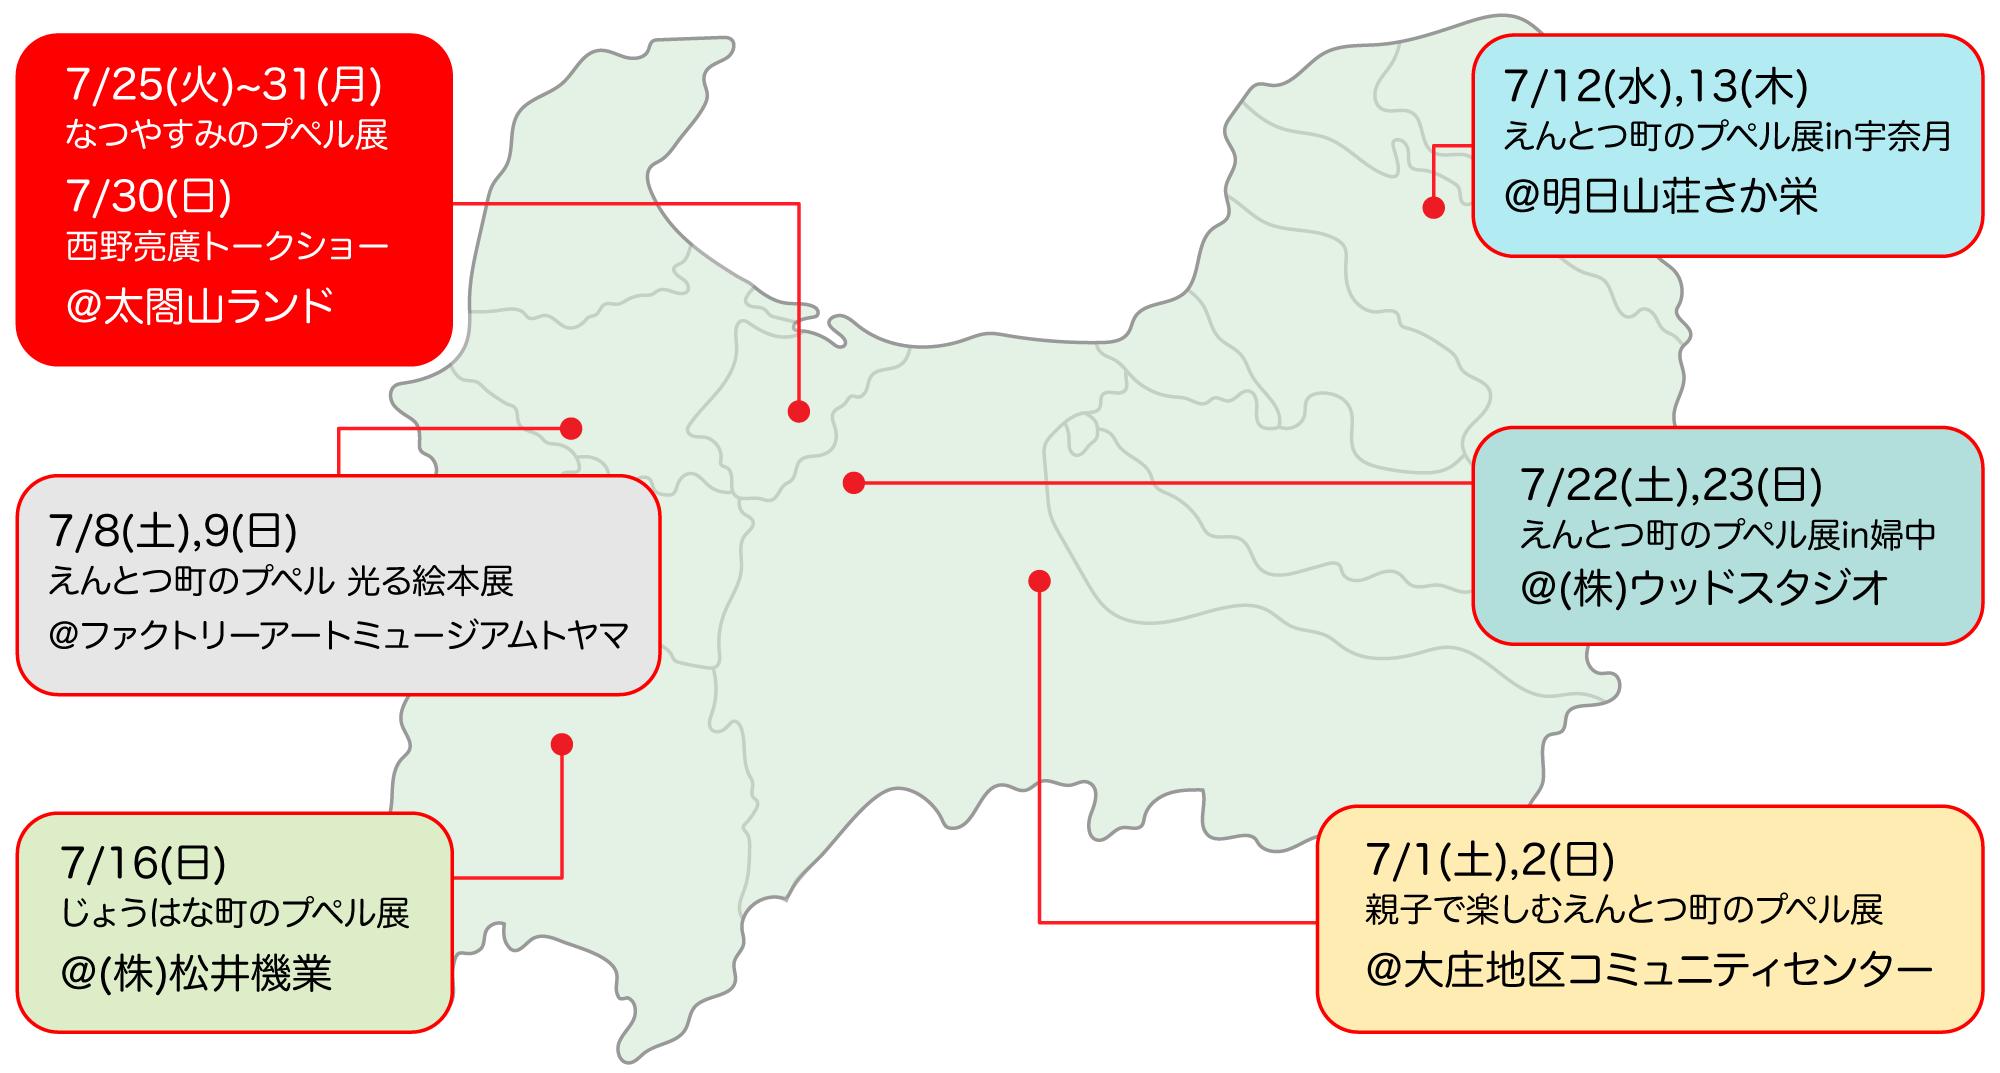 えんとつ町のプペル展in富山の日程地図